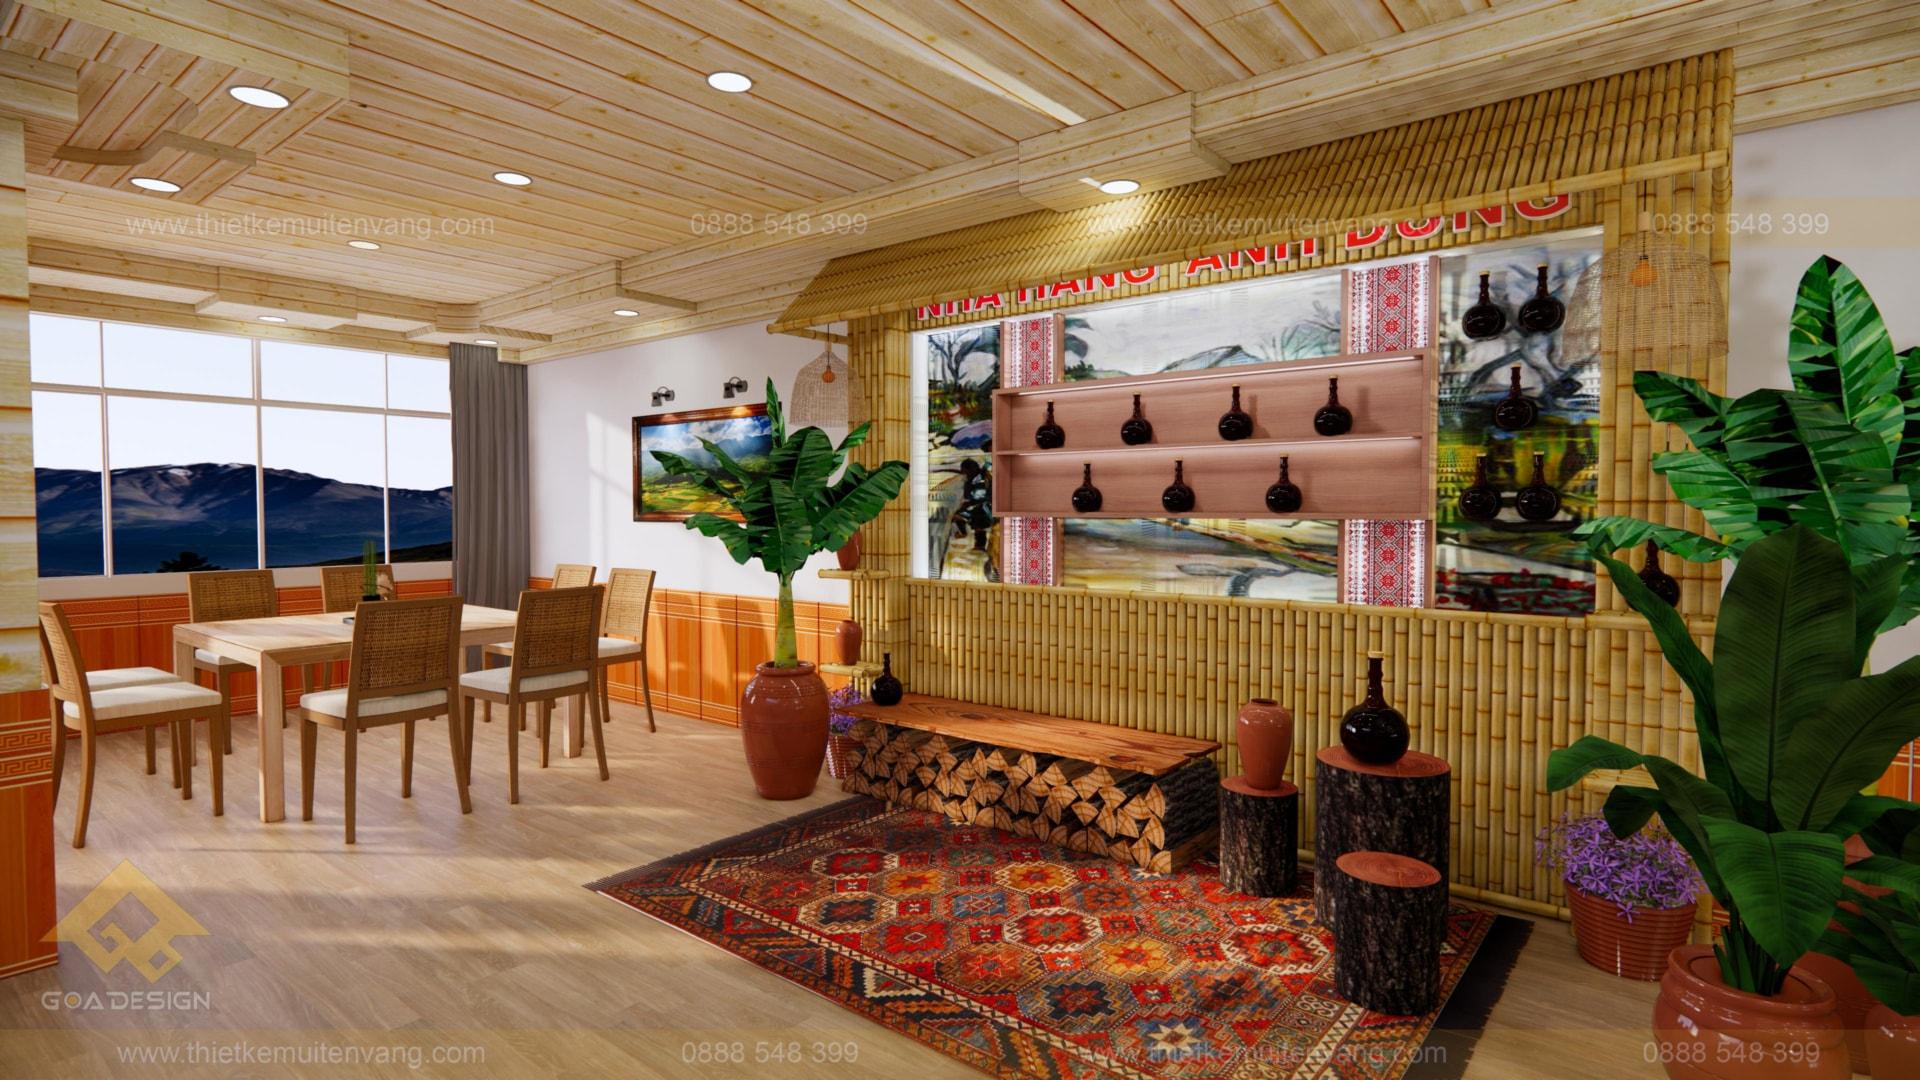 thiết kế nhà nhà hàng sapa 2020 (1)